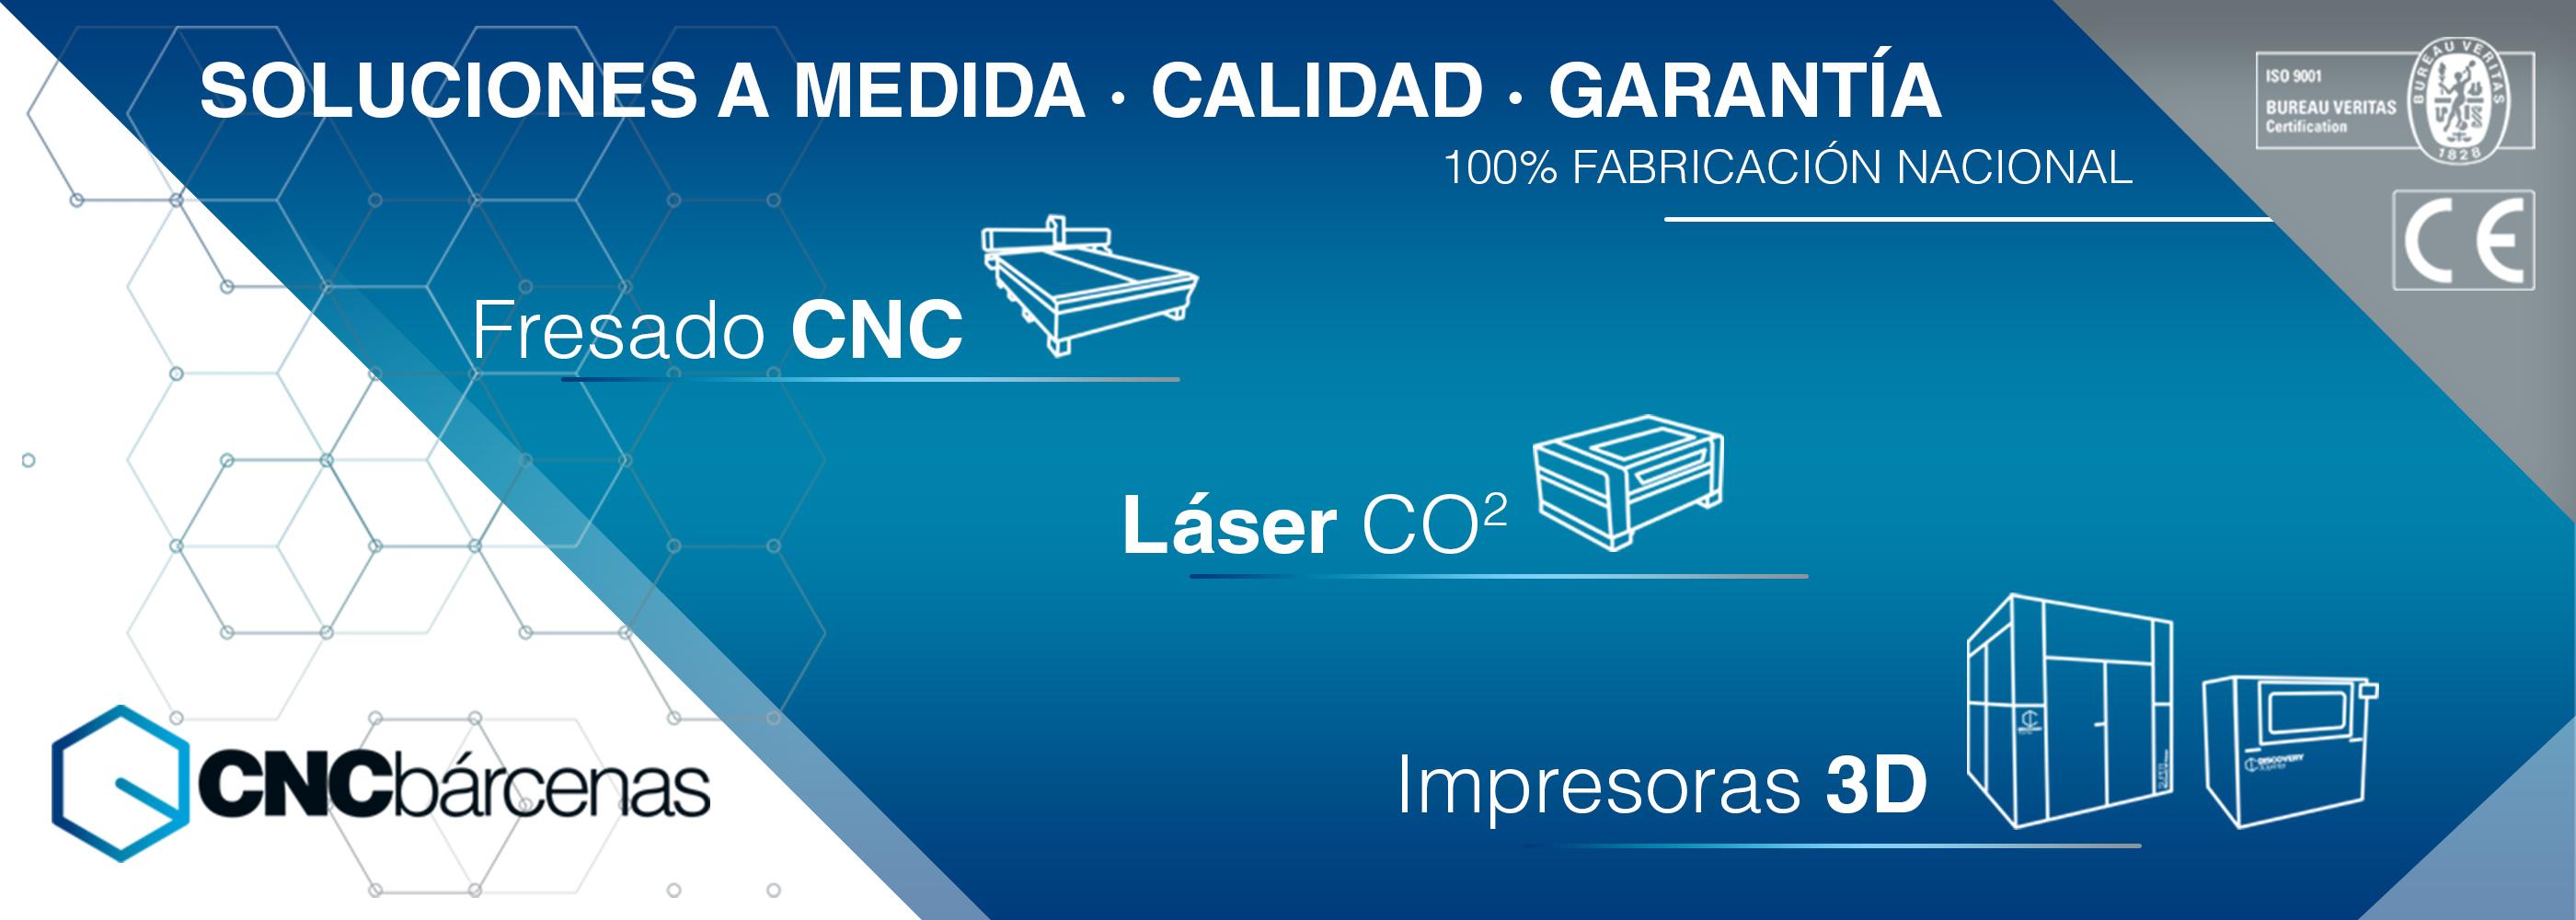 fresadora láser cnc e impresora 3d industrial a medida